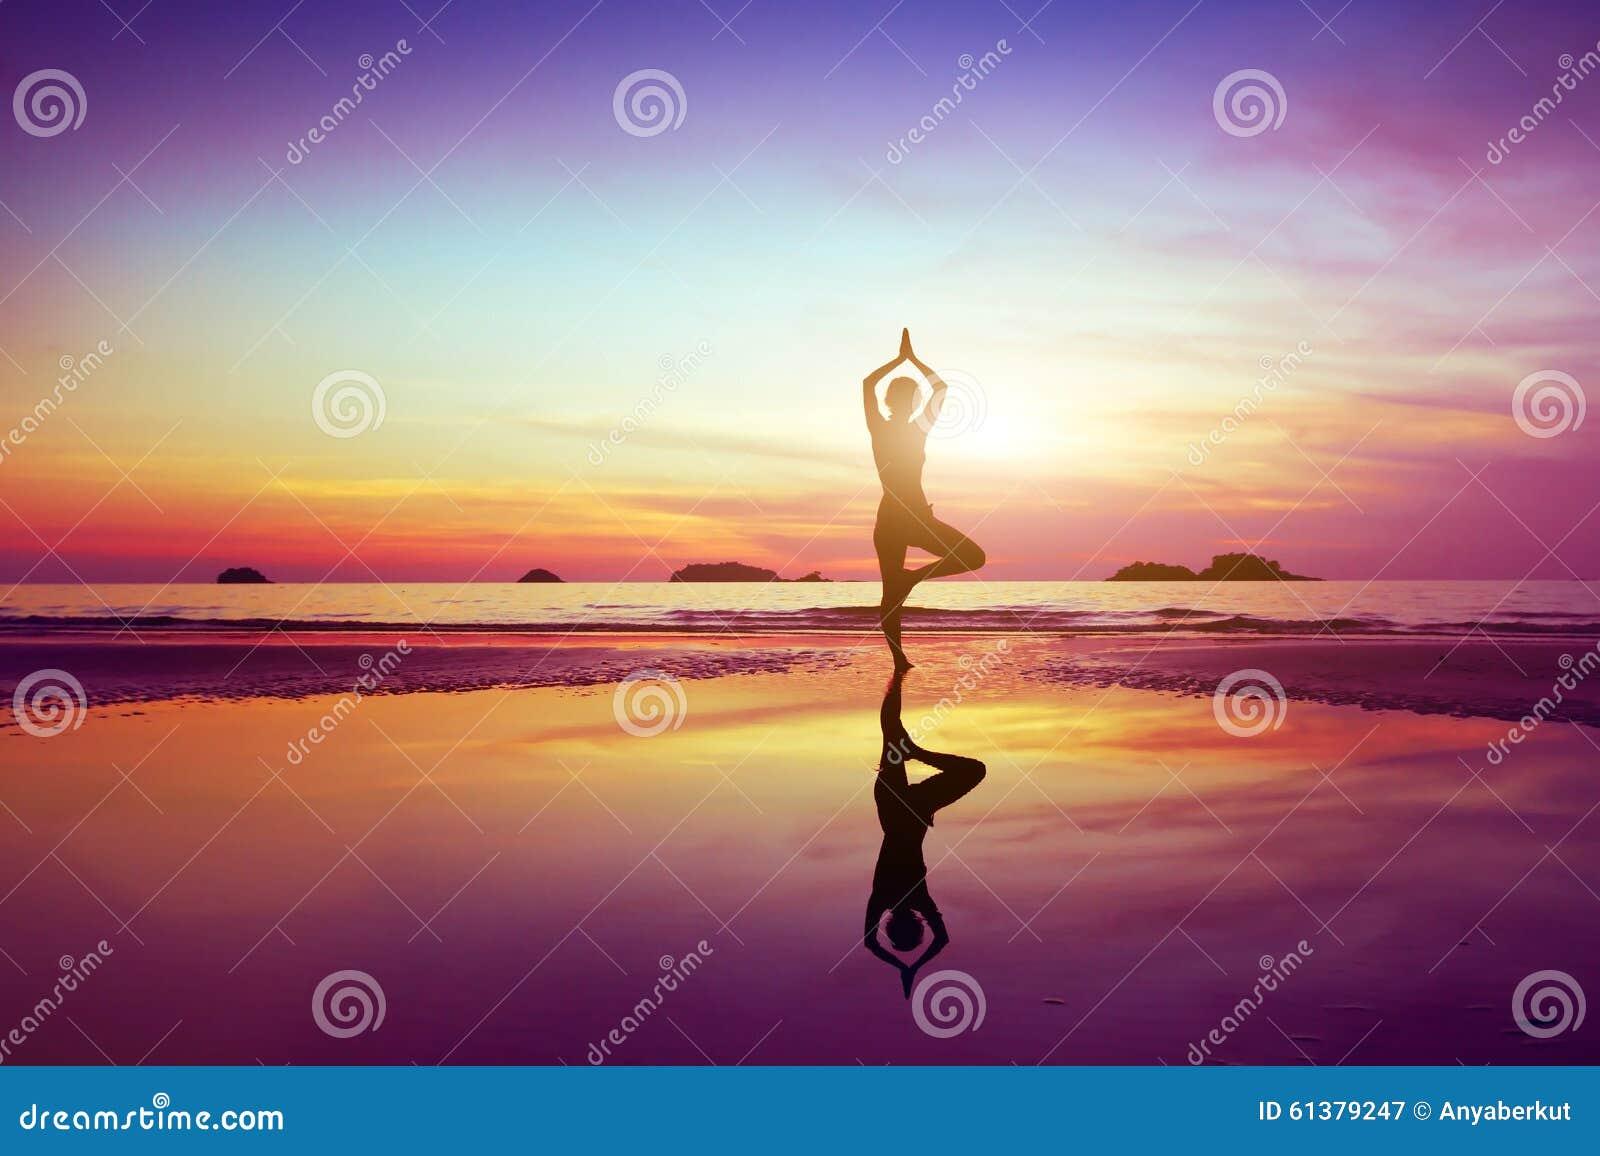 Harmonie van lichaam en ziel